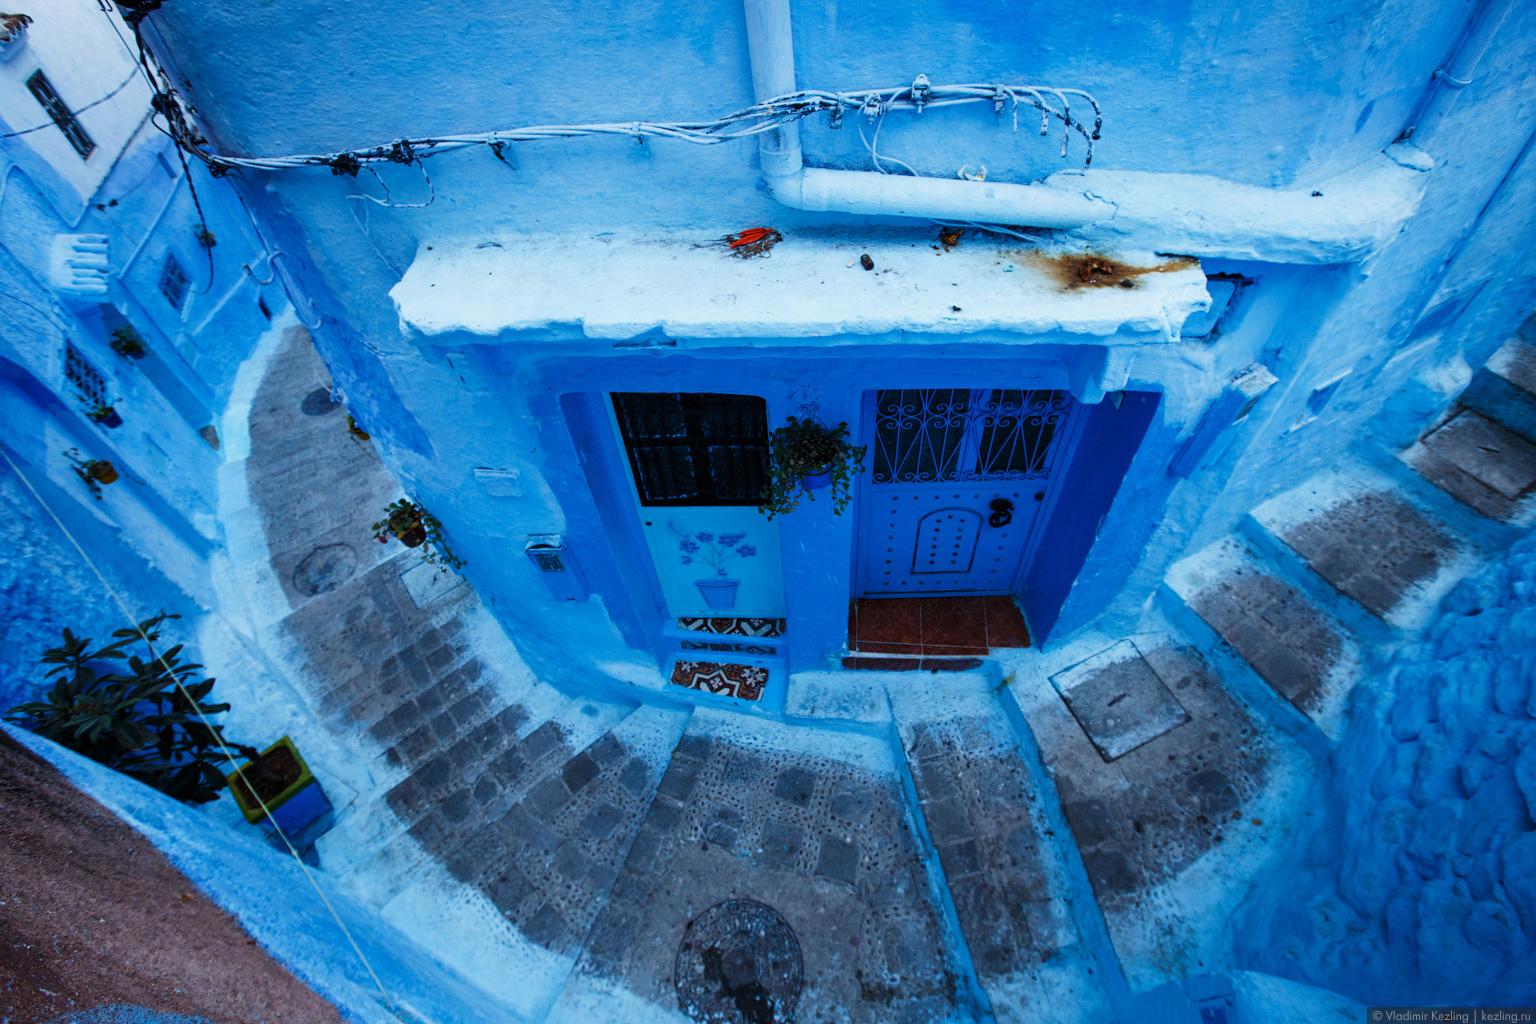 Марокканские сказки. Шефшауэн. Пятьдесят оттенков синего